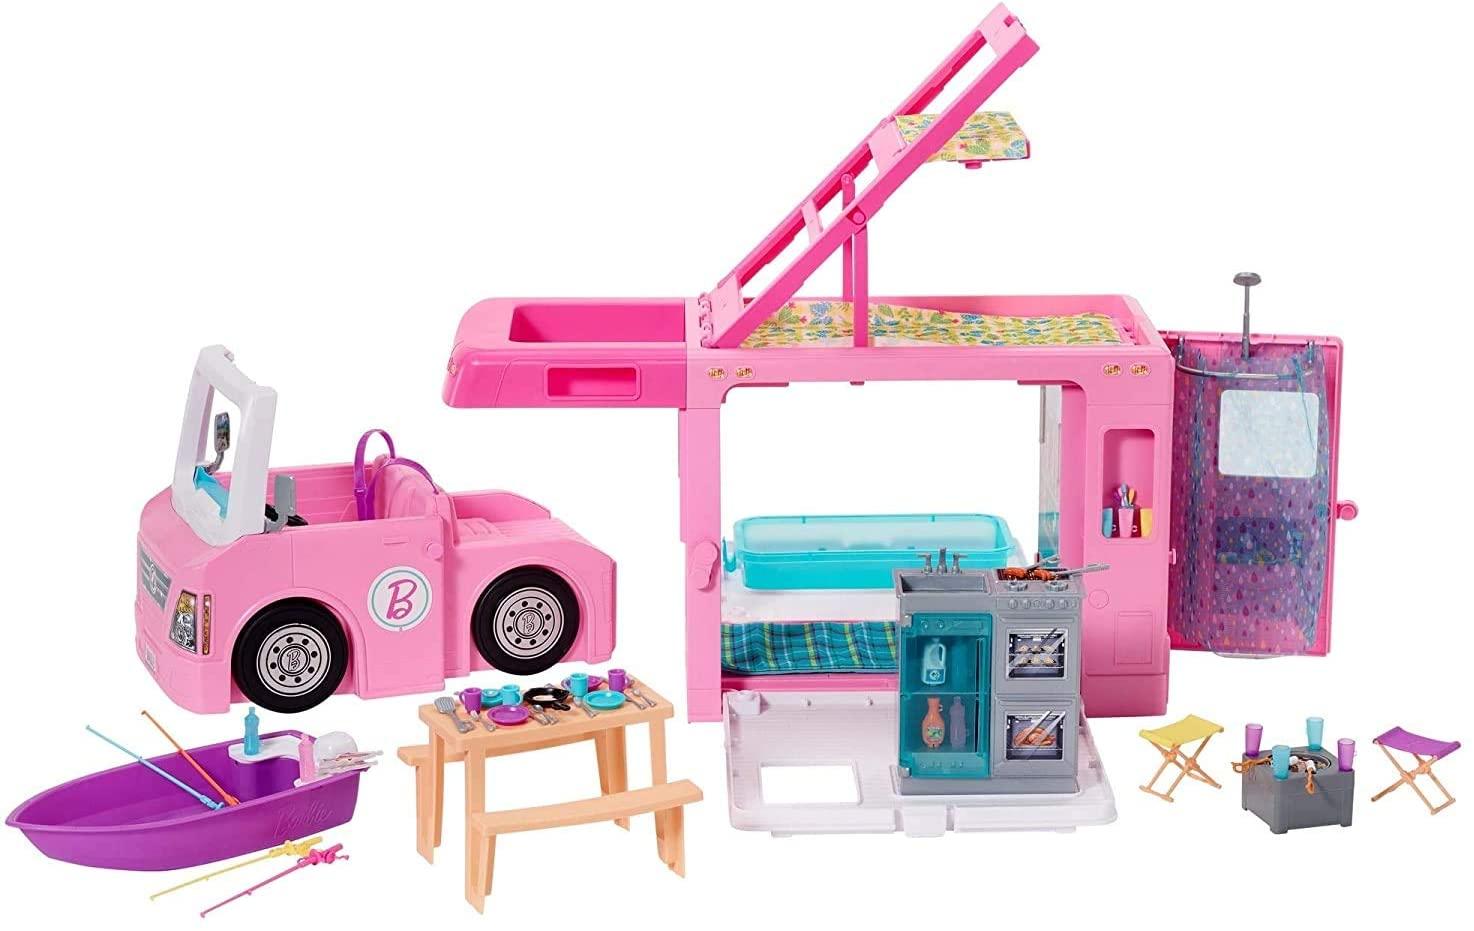 Barbie 3-in1 Dream Camper Playset